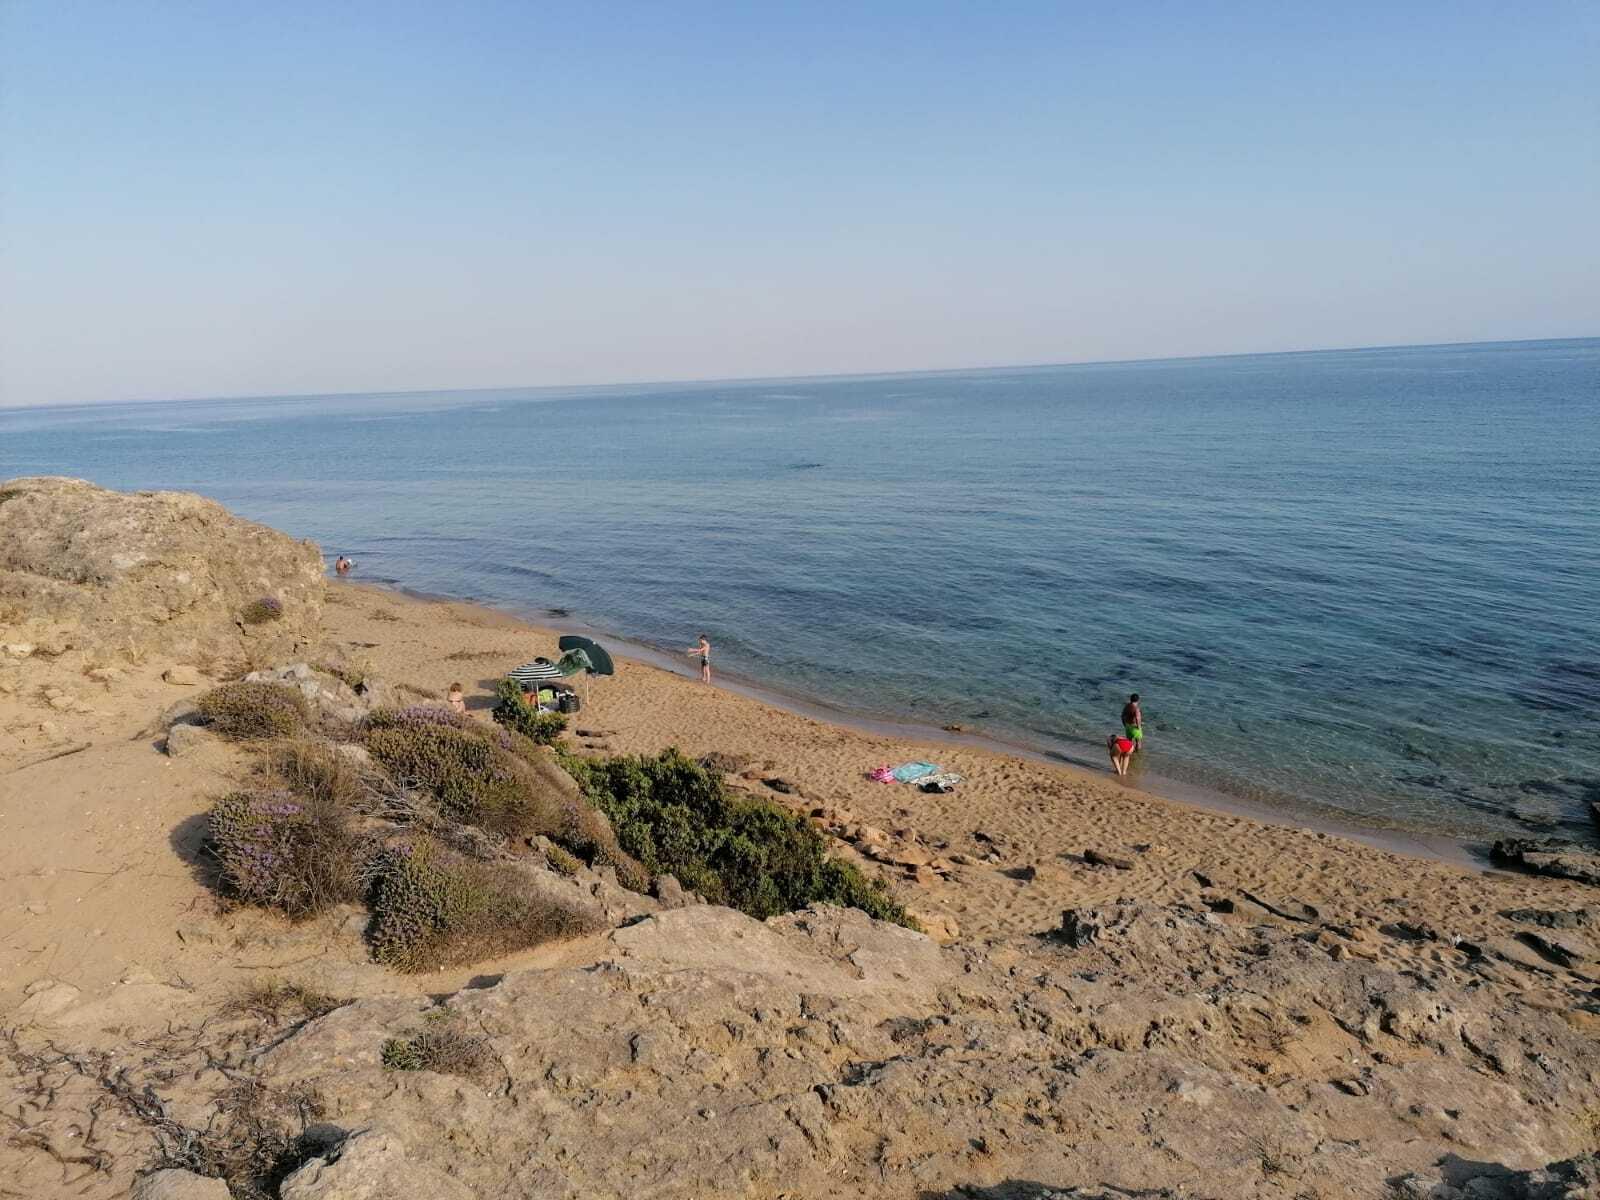 Mirante dune spiagge